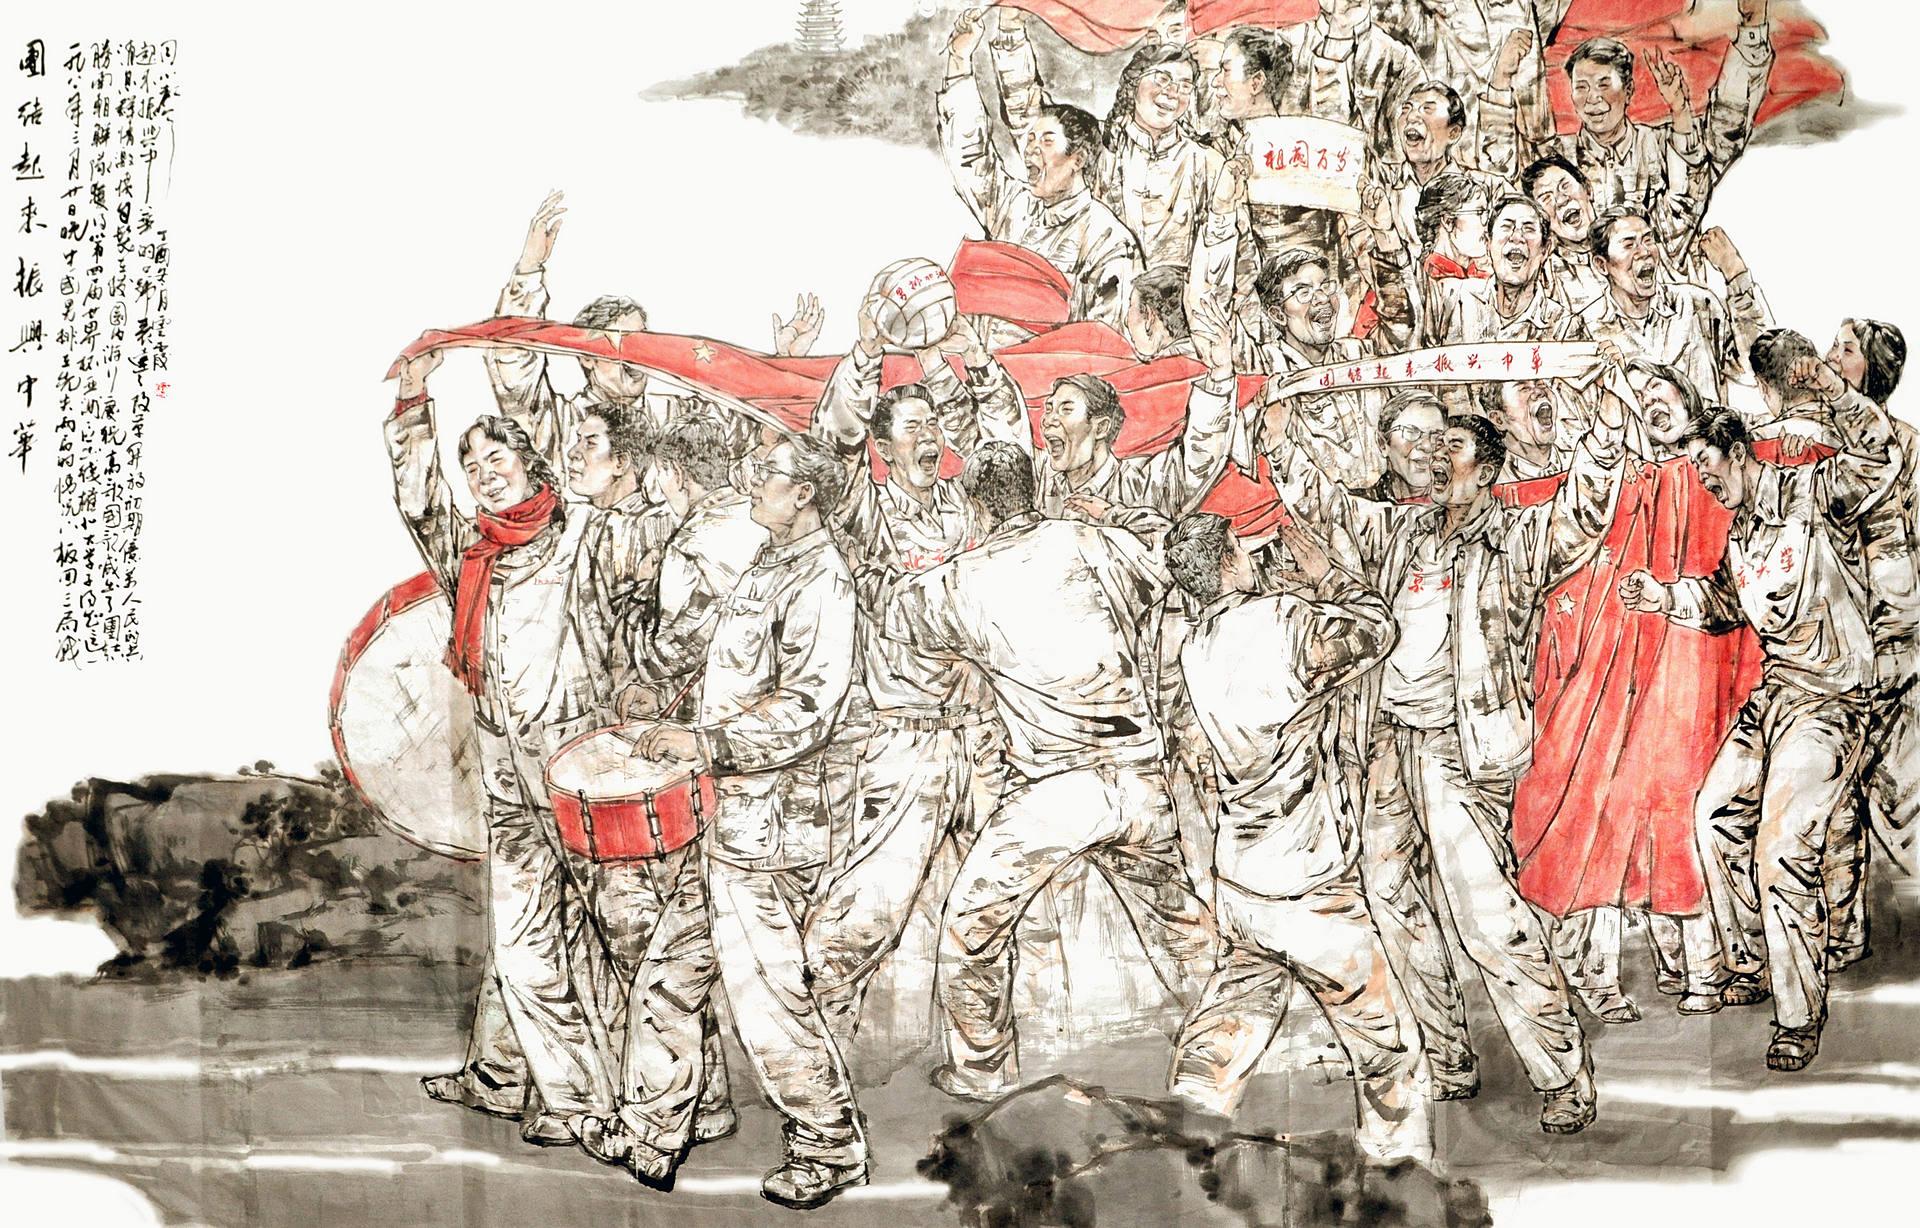 《团结起来振兴中华》180x285cm 纸本设色 写意人物 2017年